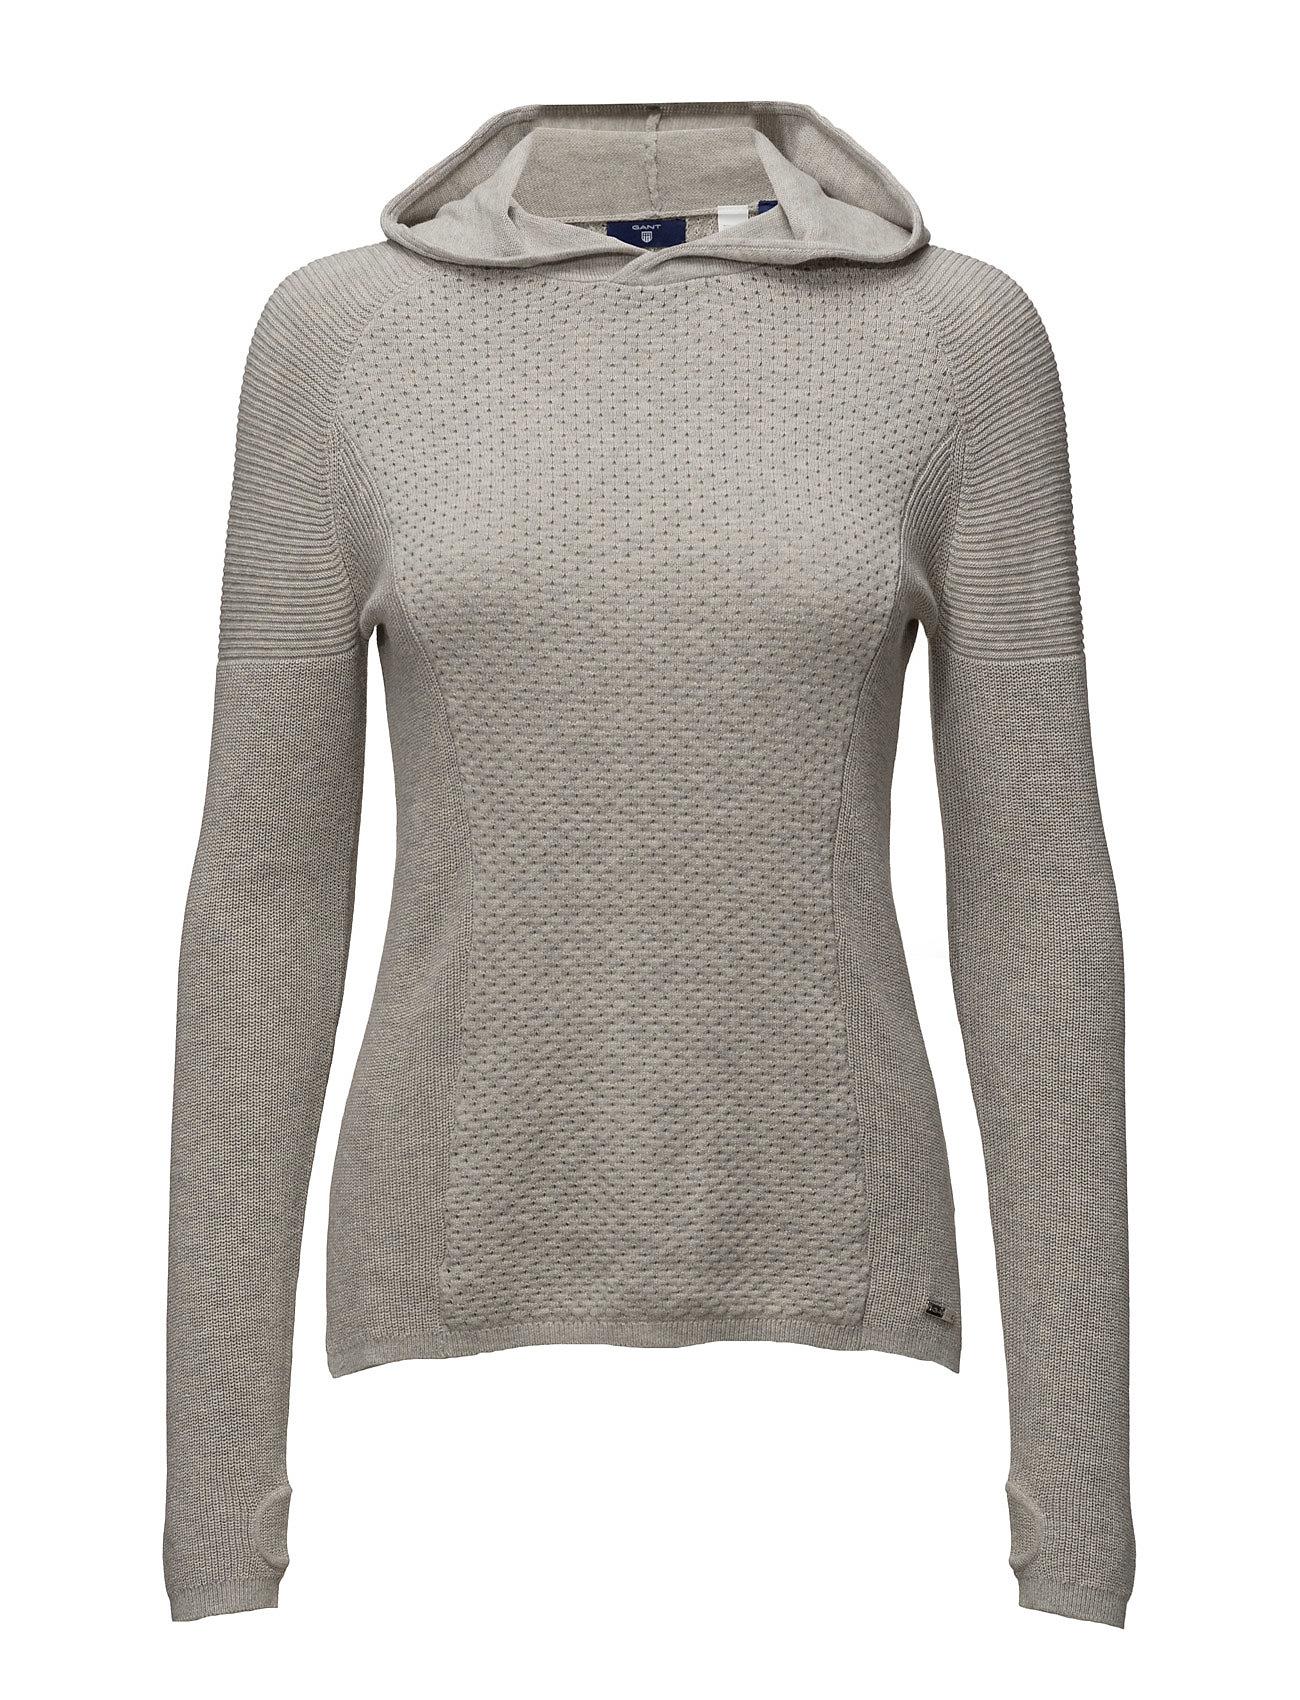 O1. Sporty Textured Cotton Hoodie GANT Striktøj til Kvinder i Light Grey Melange